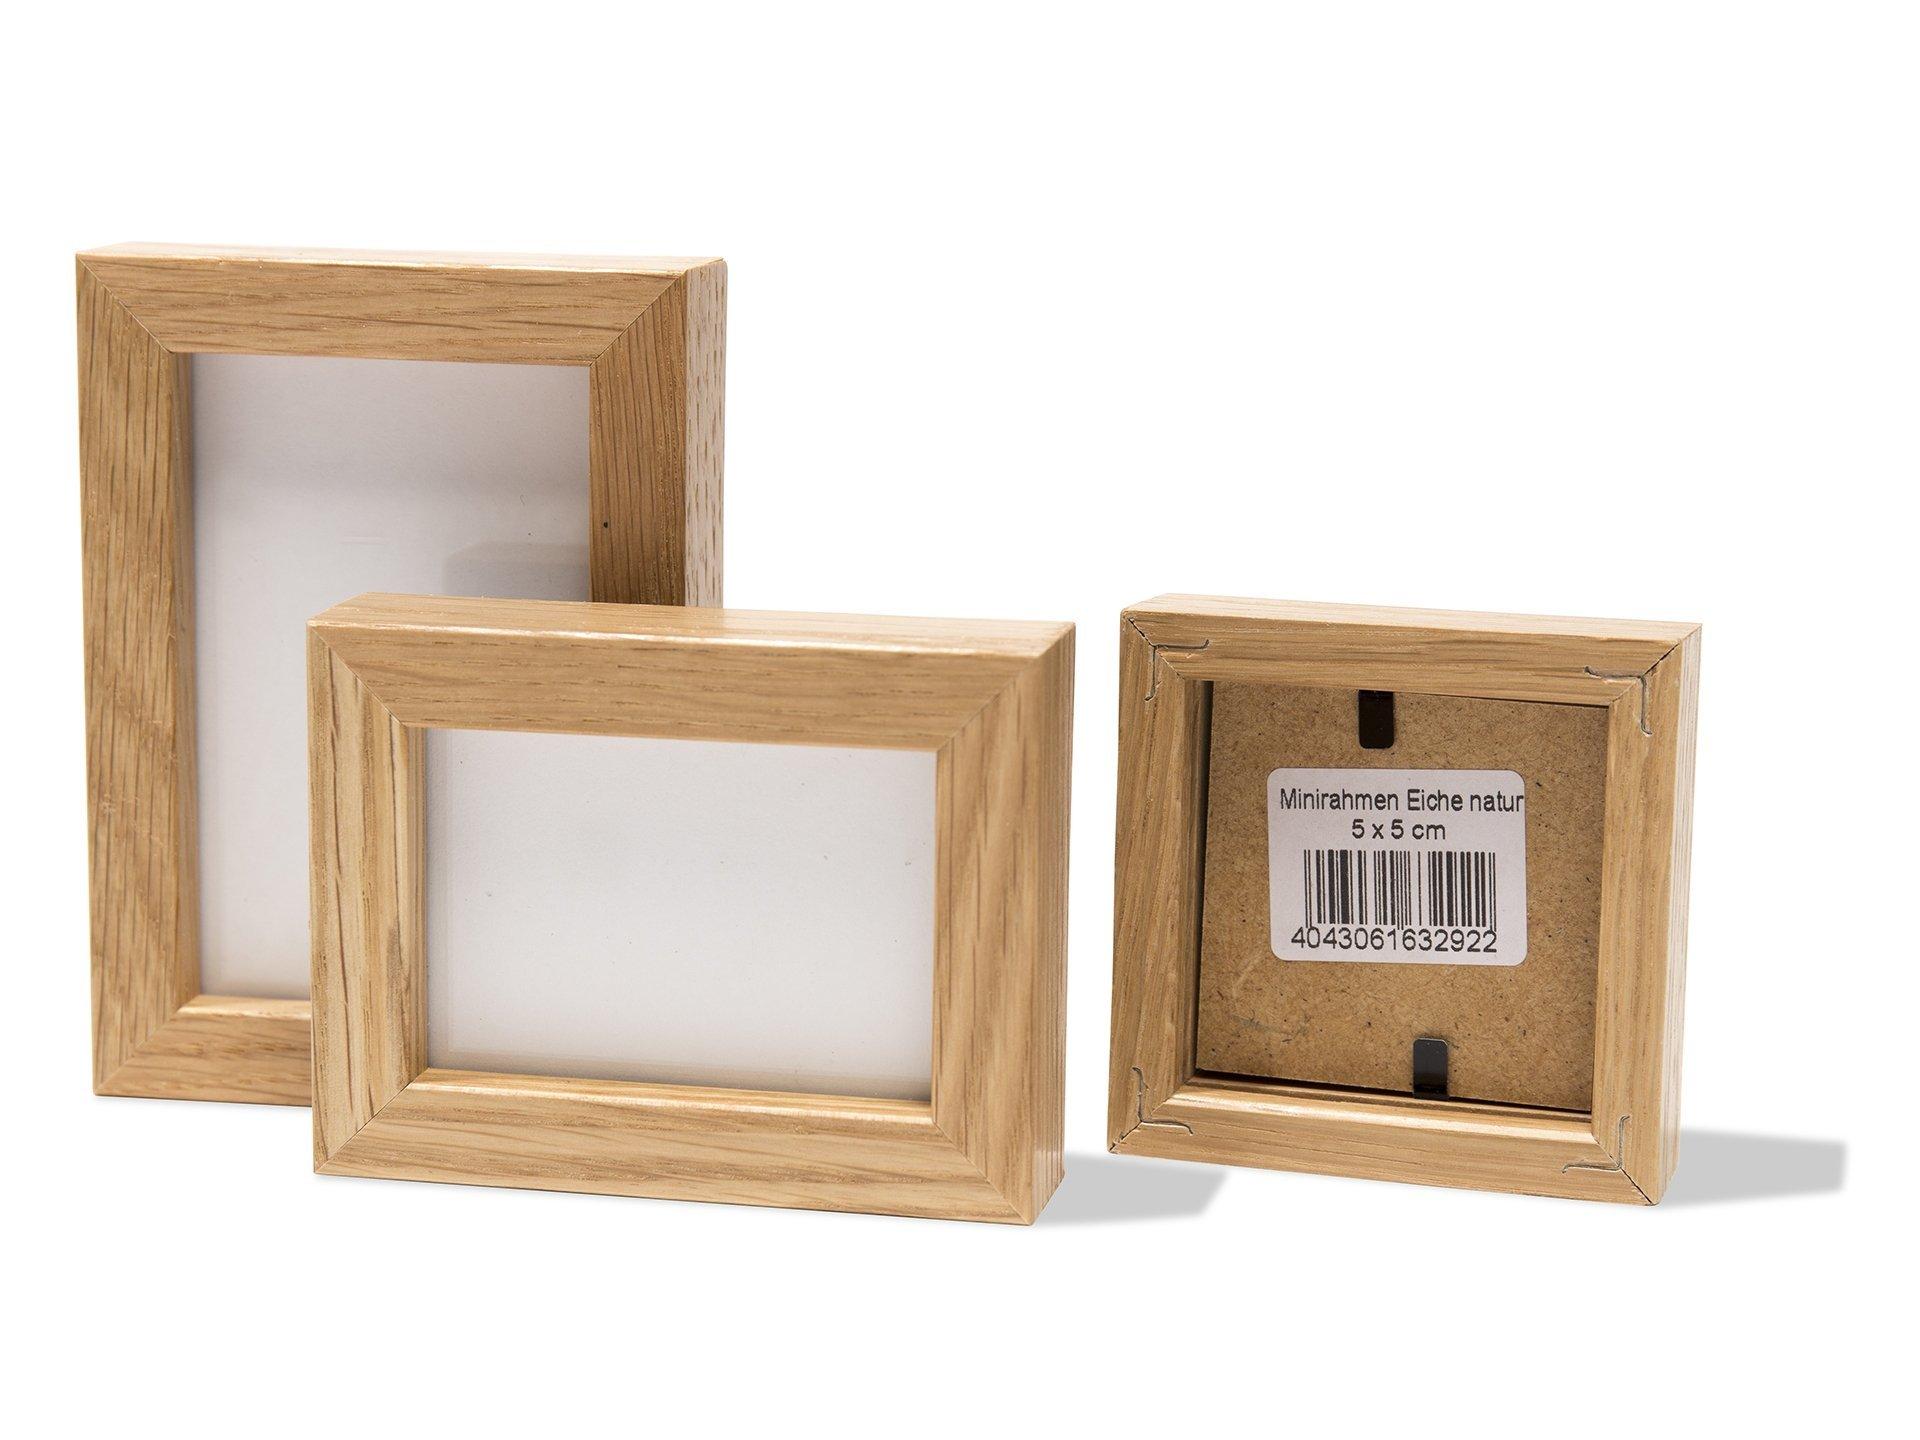 minirahmen eiche natur g nstig kaufen modulor. Black Bedroom Furniture Sets. Home Design Ideas